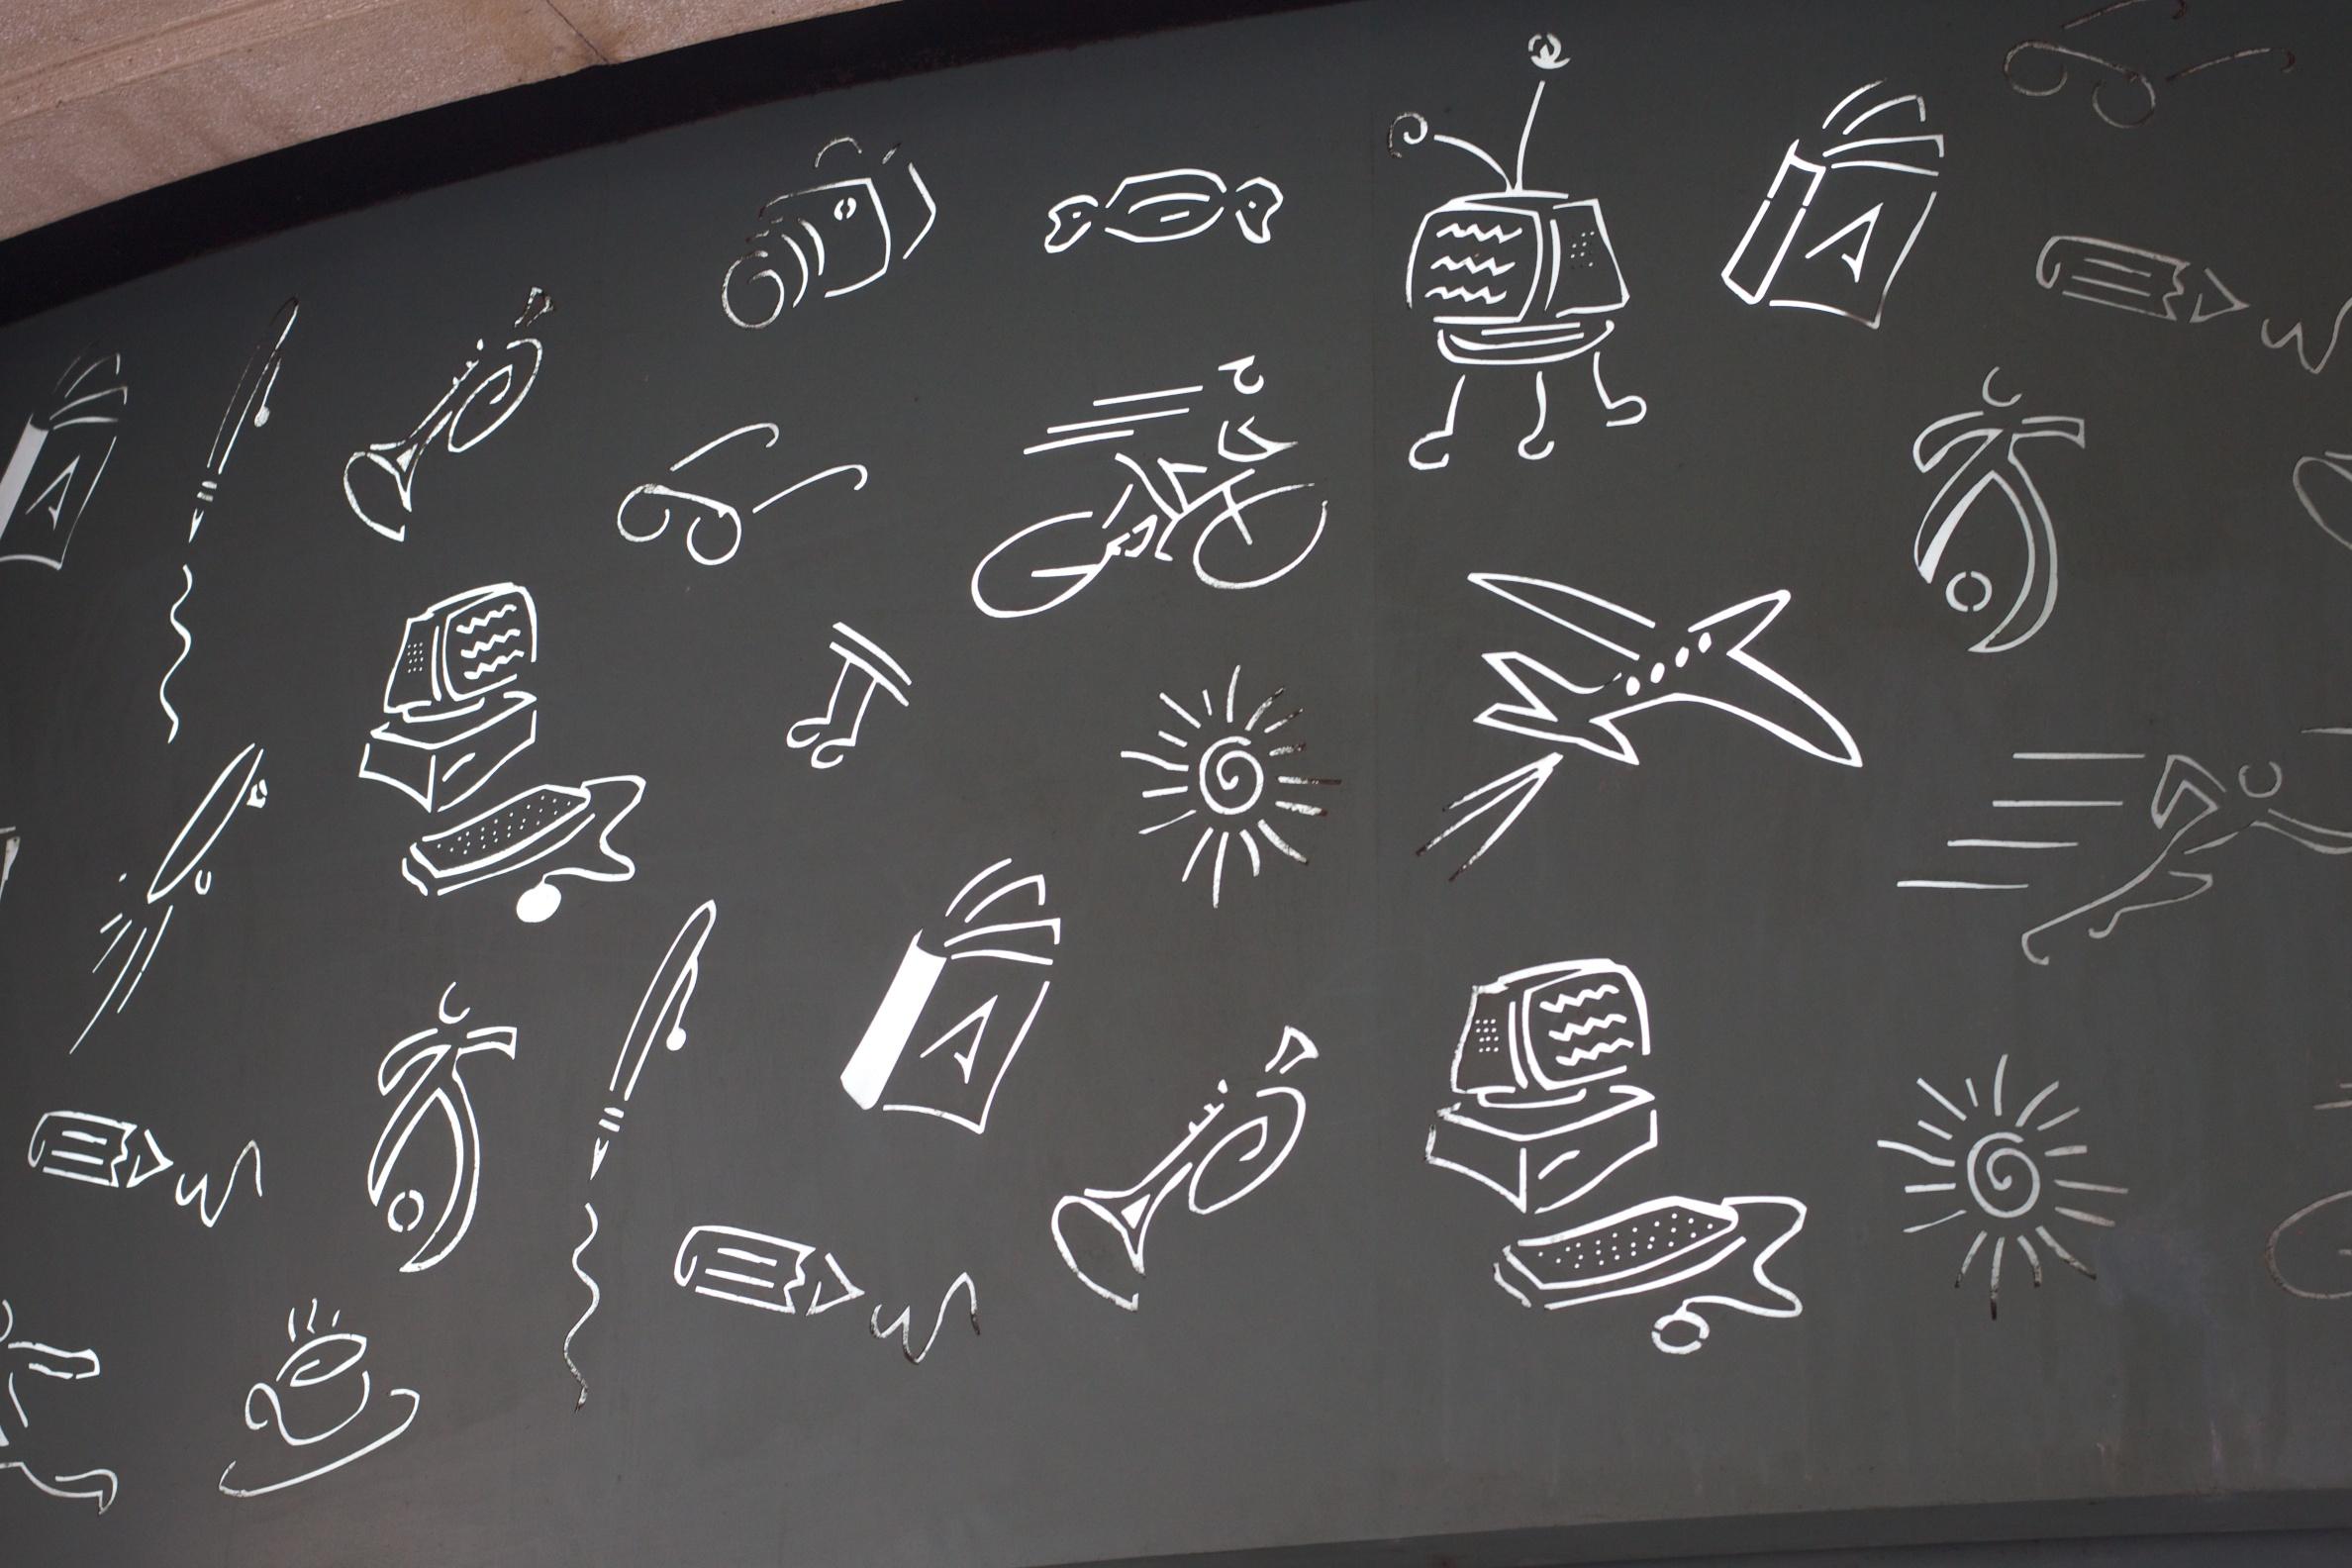 number-line-blackboard-circle-font-chalk